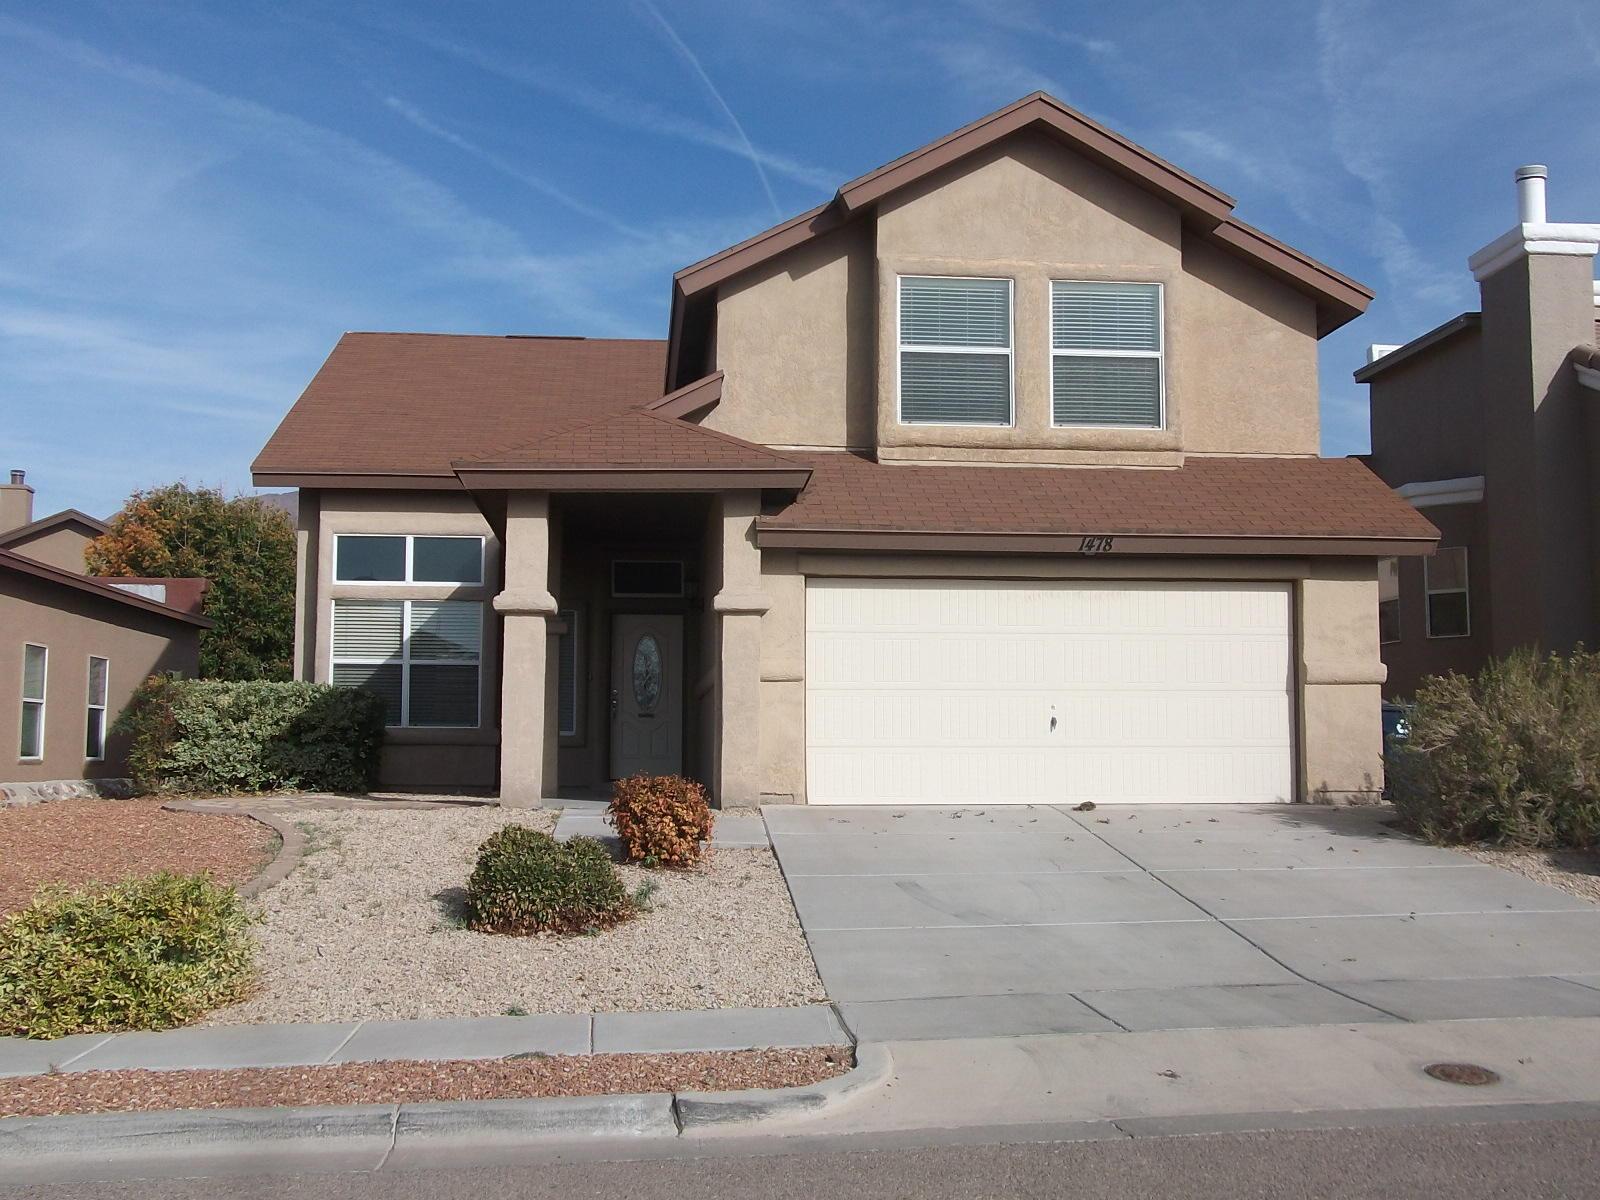 1478 SENDA DEL SOL, El Paso, Texas 79911, 4 Bedrooms Bedrooms, ,3 BathroomsBathrooms,Residential Rental,For Rent,SENDA DEL SOL,837363